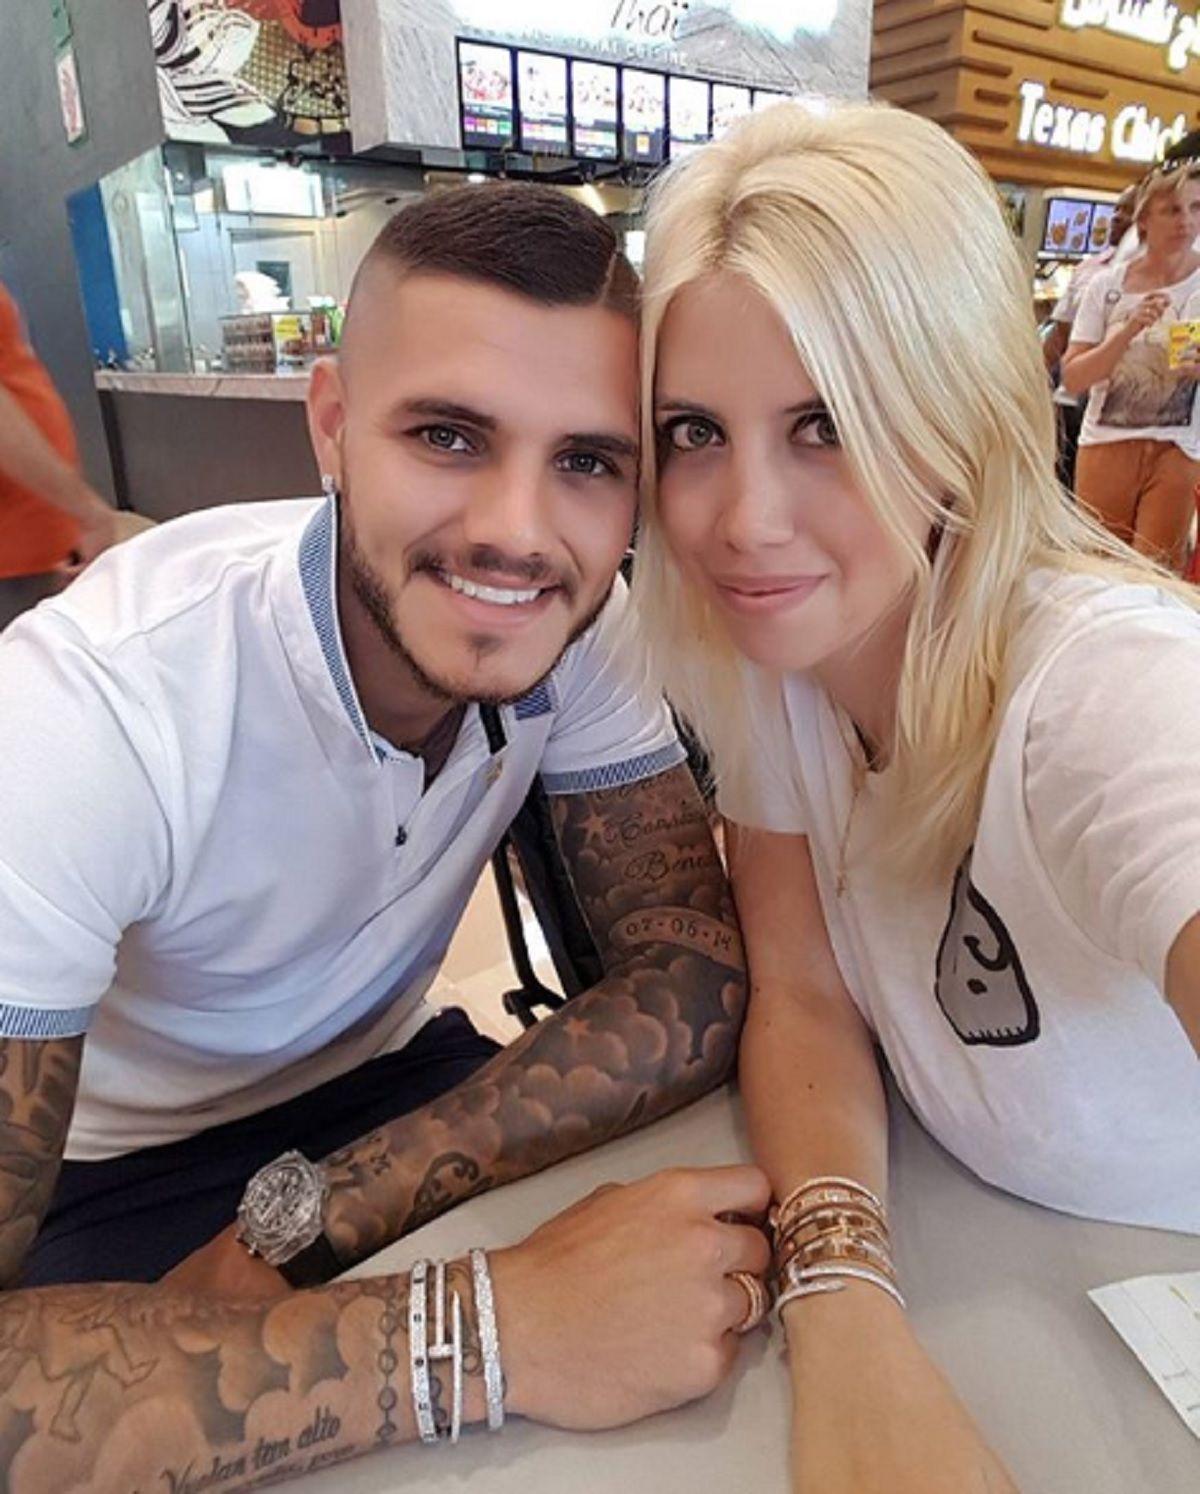 Una encuesta de Mauro Icardi en Instagram aviva las dudas sobre una crisis con Wanda Nara